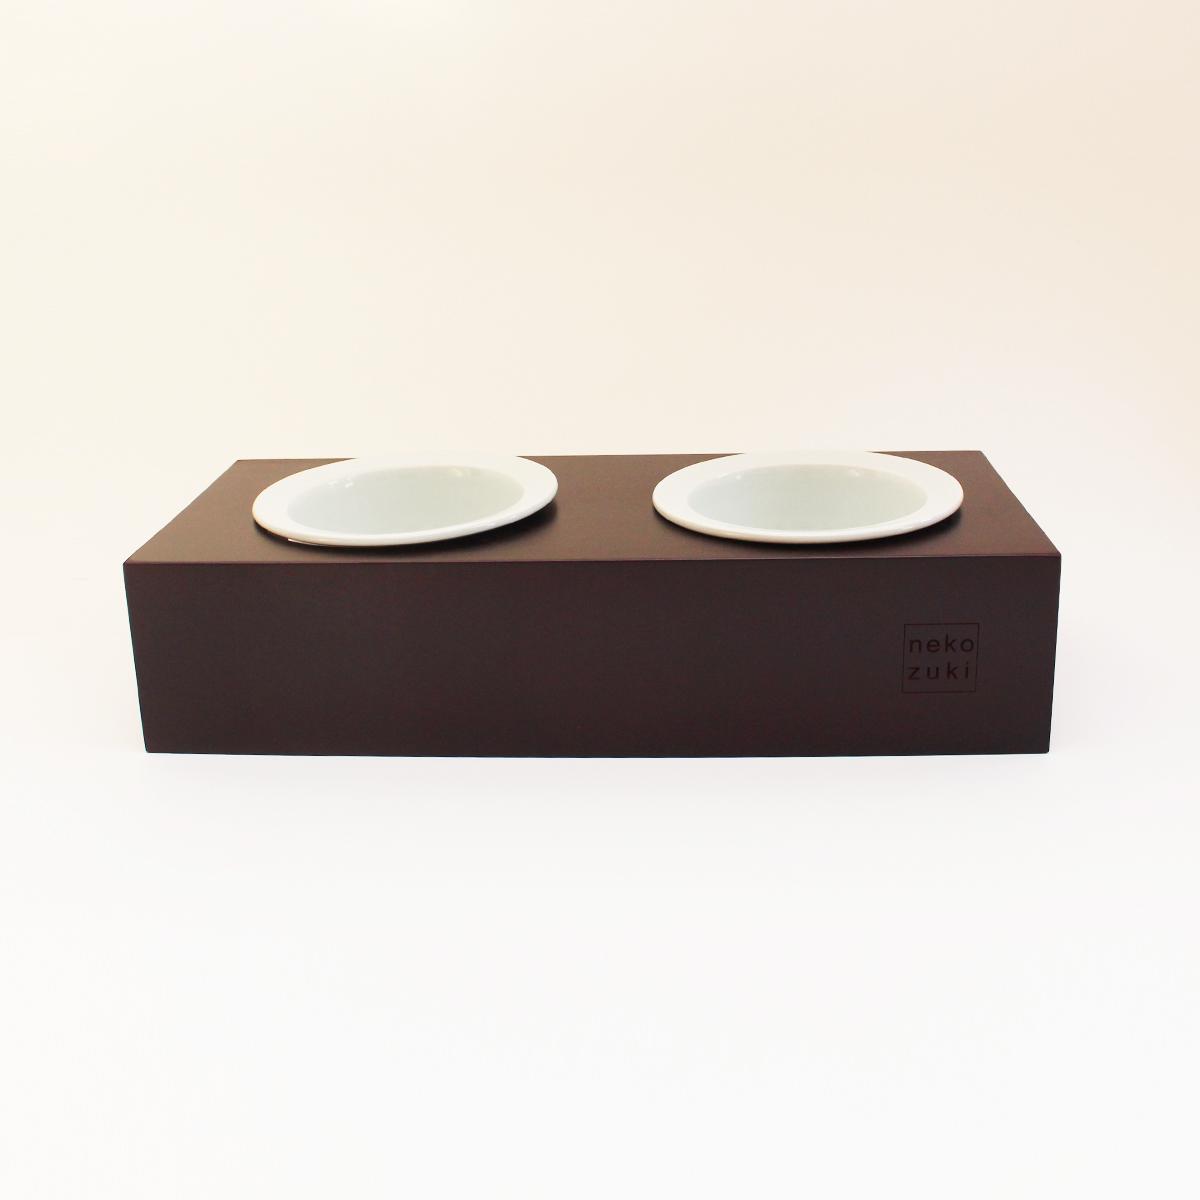 食器台 猫 まんま台 hole ダブル マルーン 磁器 日本製